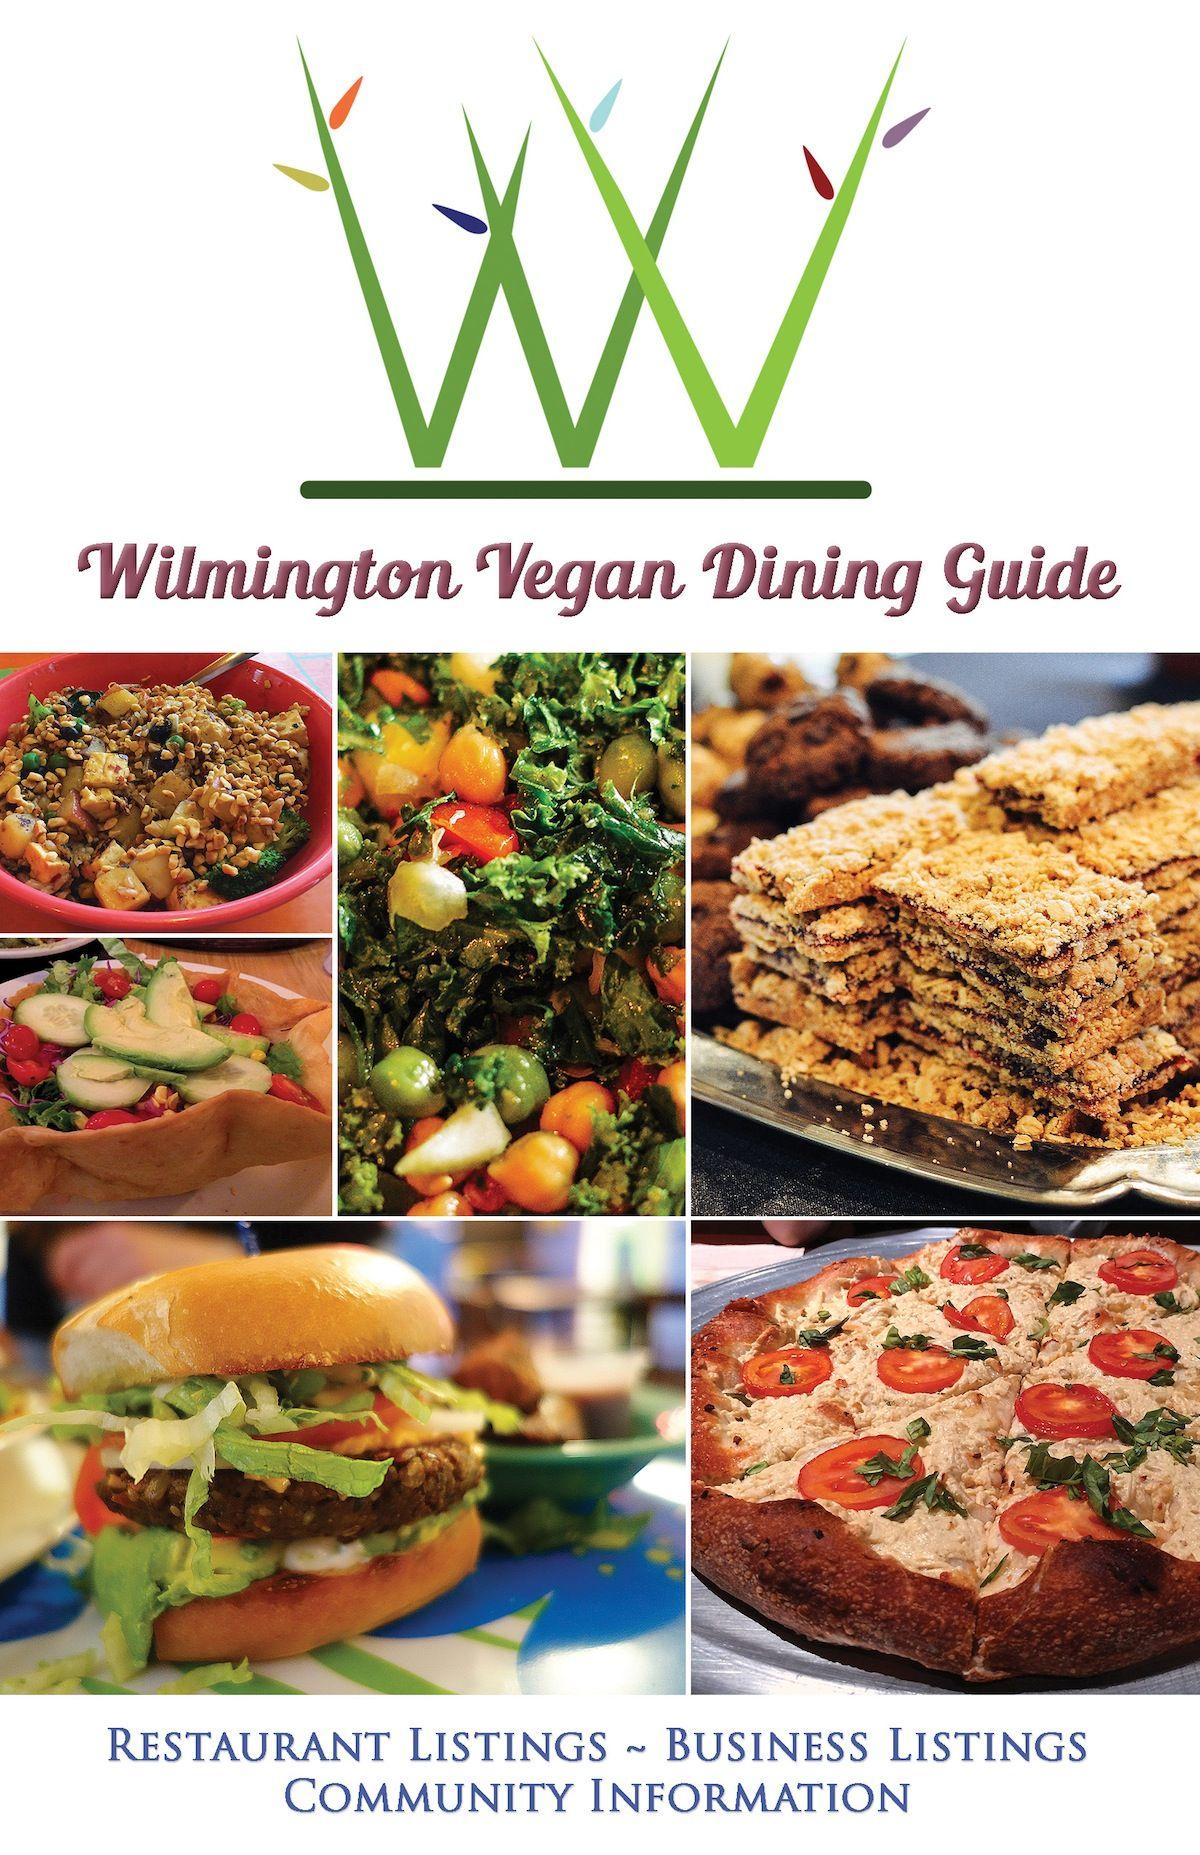 Wilmington Vegan Dining Guide Cover Art April 2017